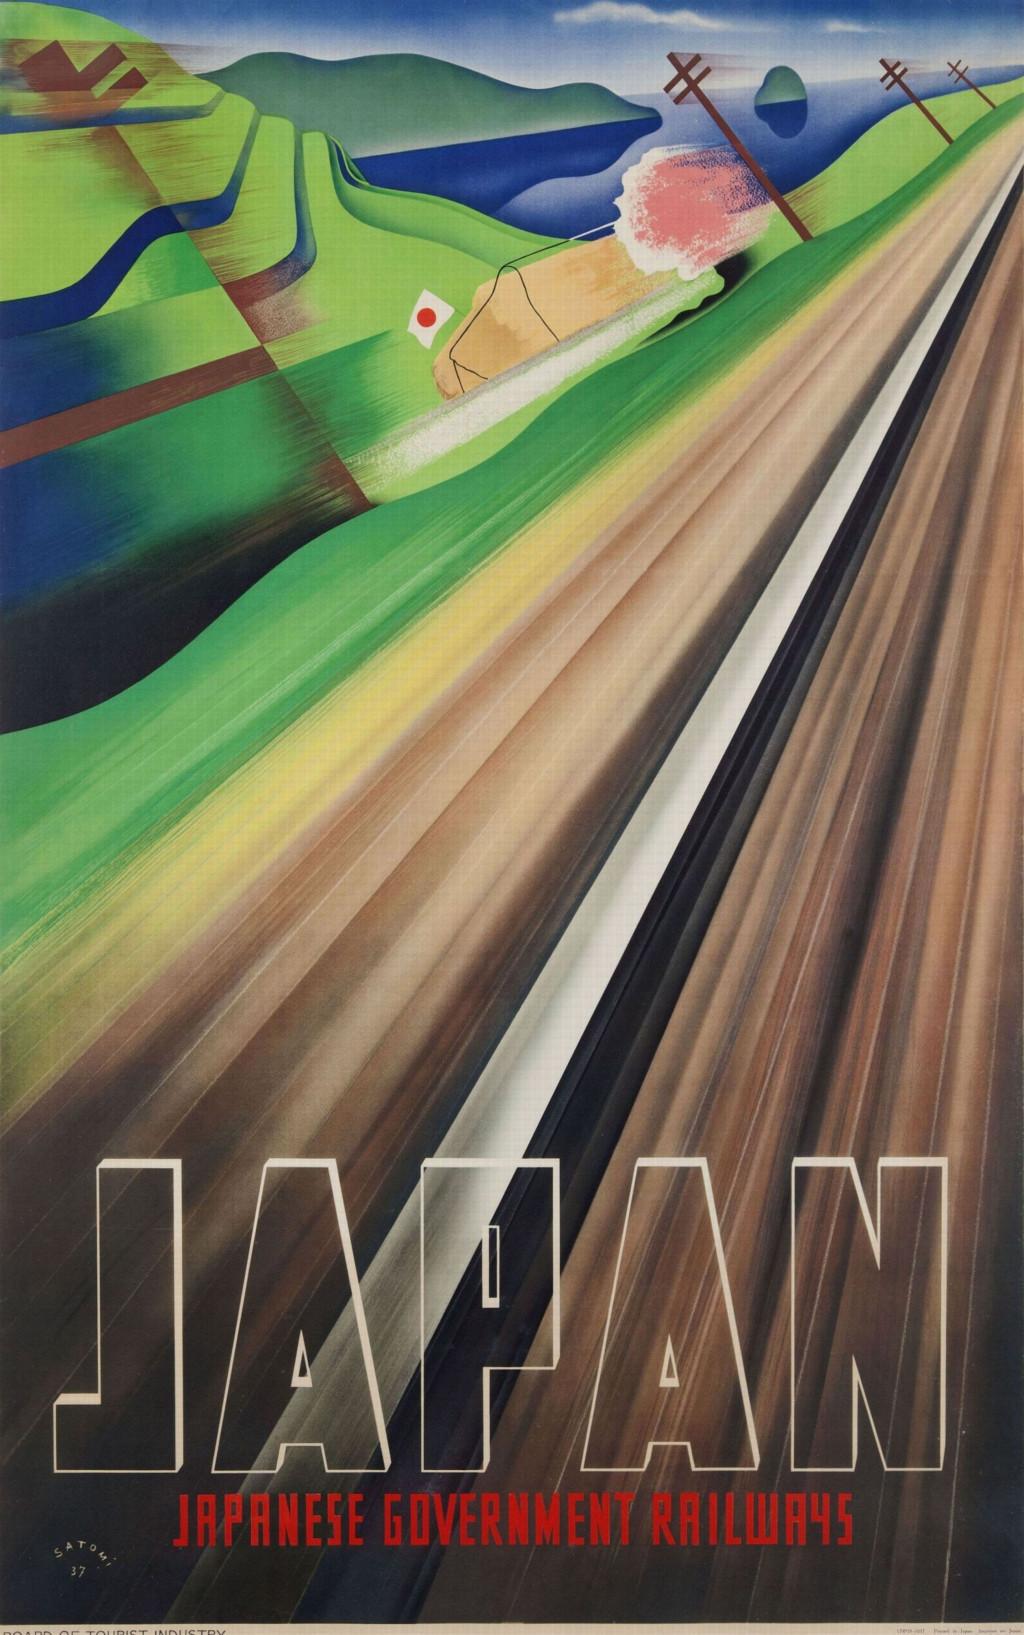 Muneji Satomi, 'Japan', 1937. Collection Stedelijk Museum Amsterdam